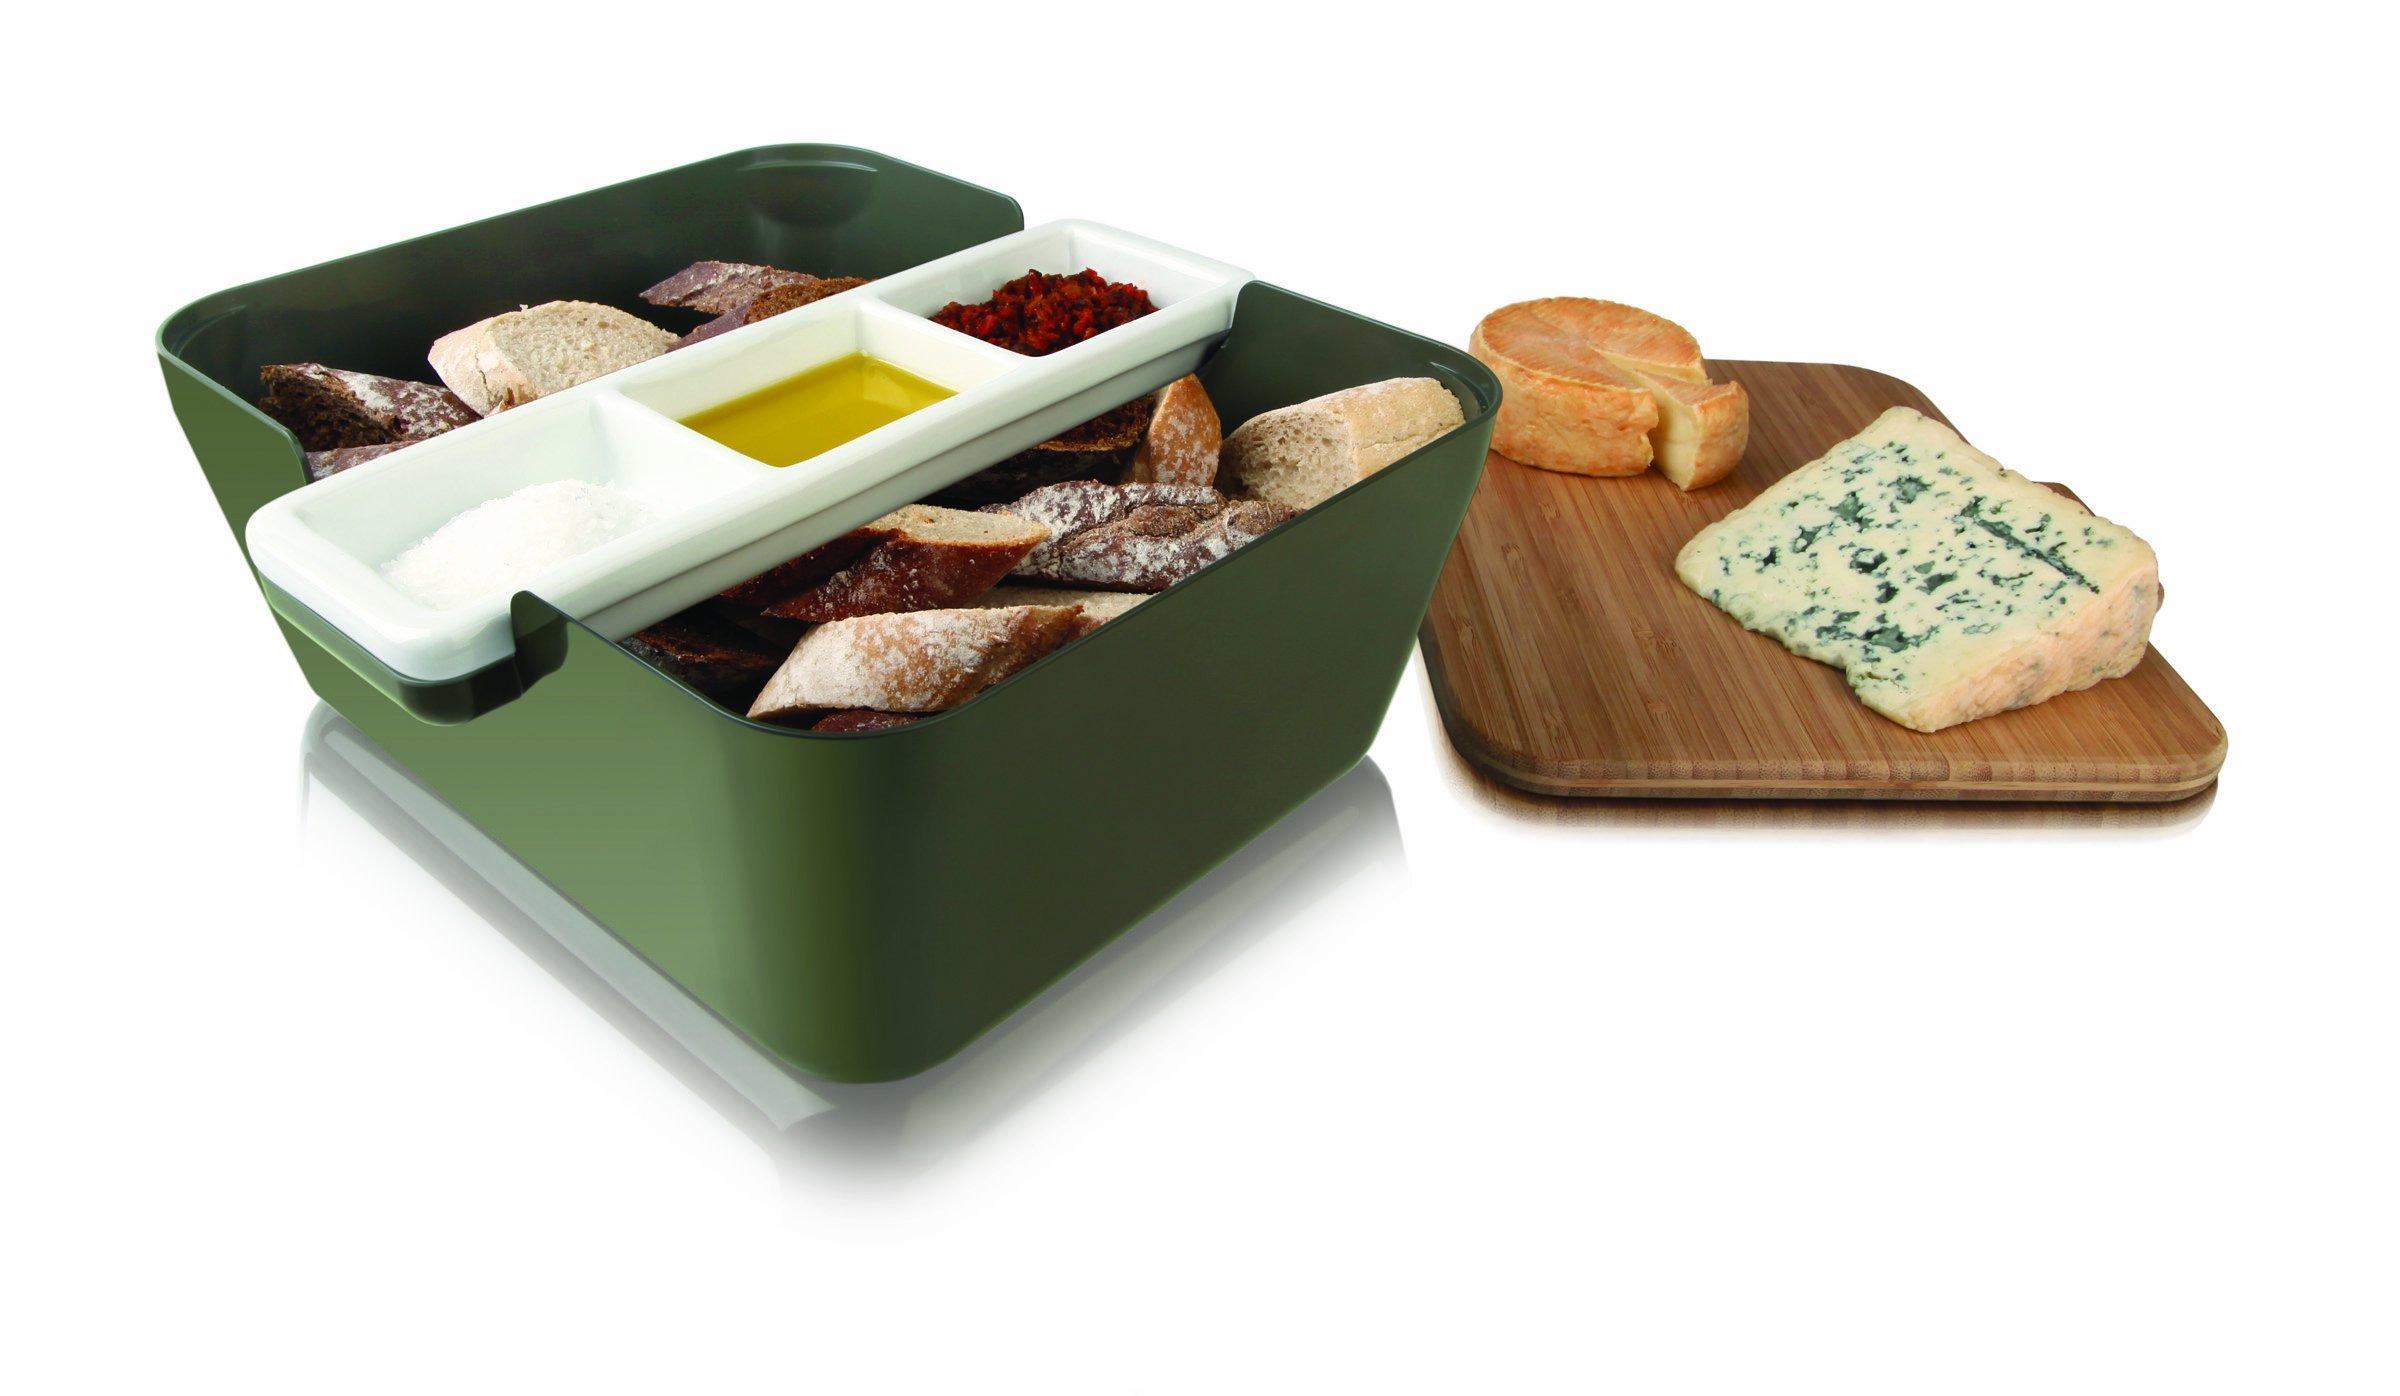 Vacu Vin Bread and Dip